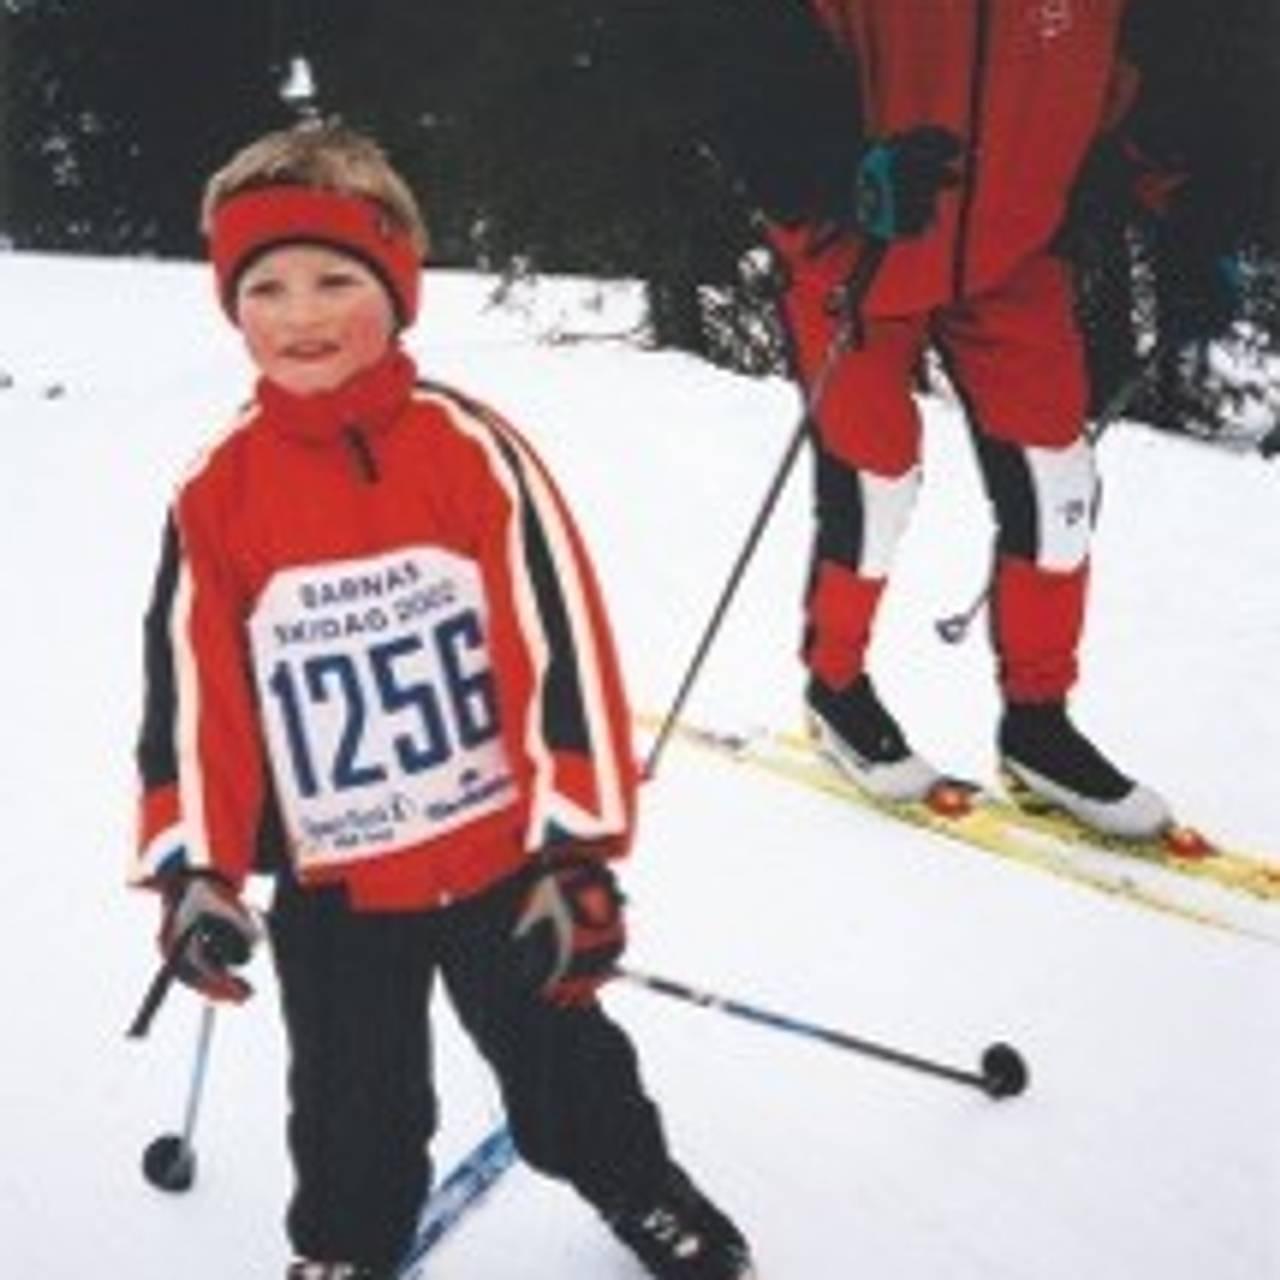 Klæbo på ski